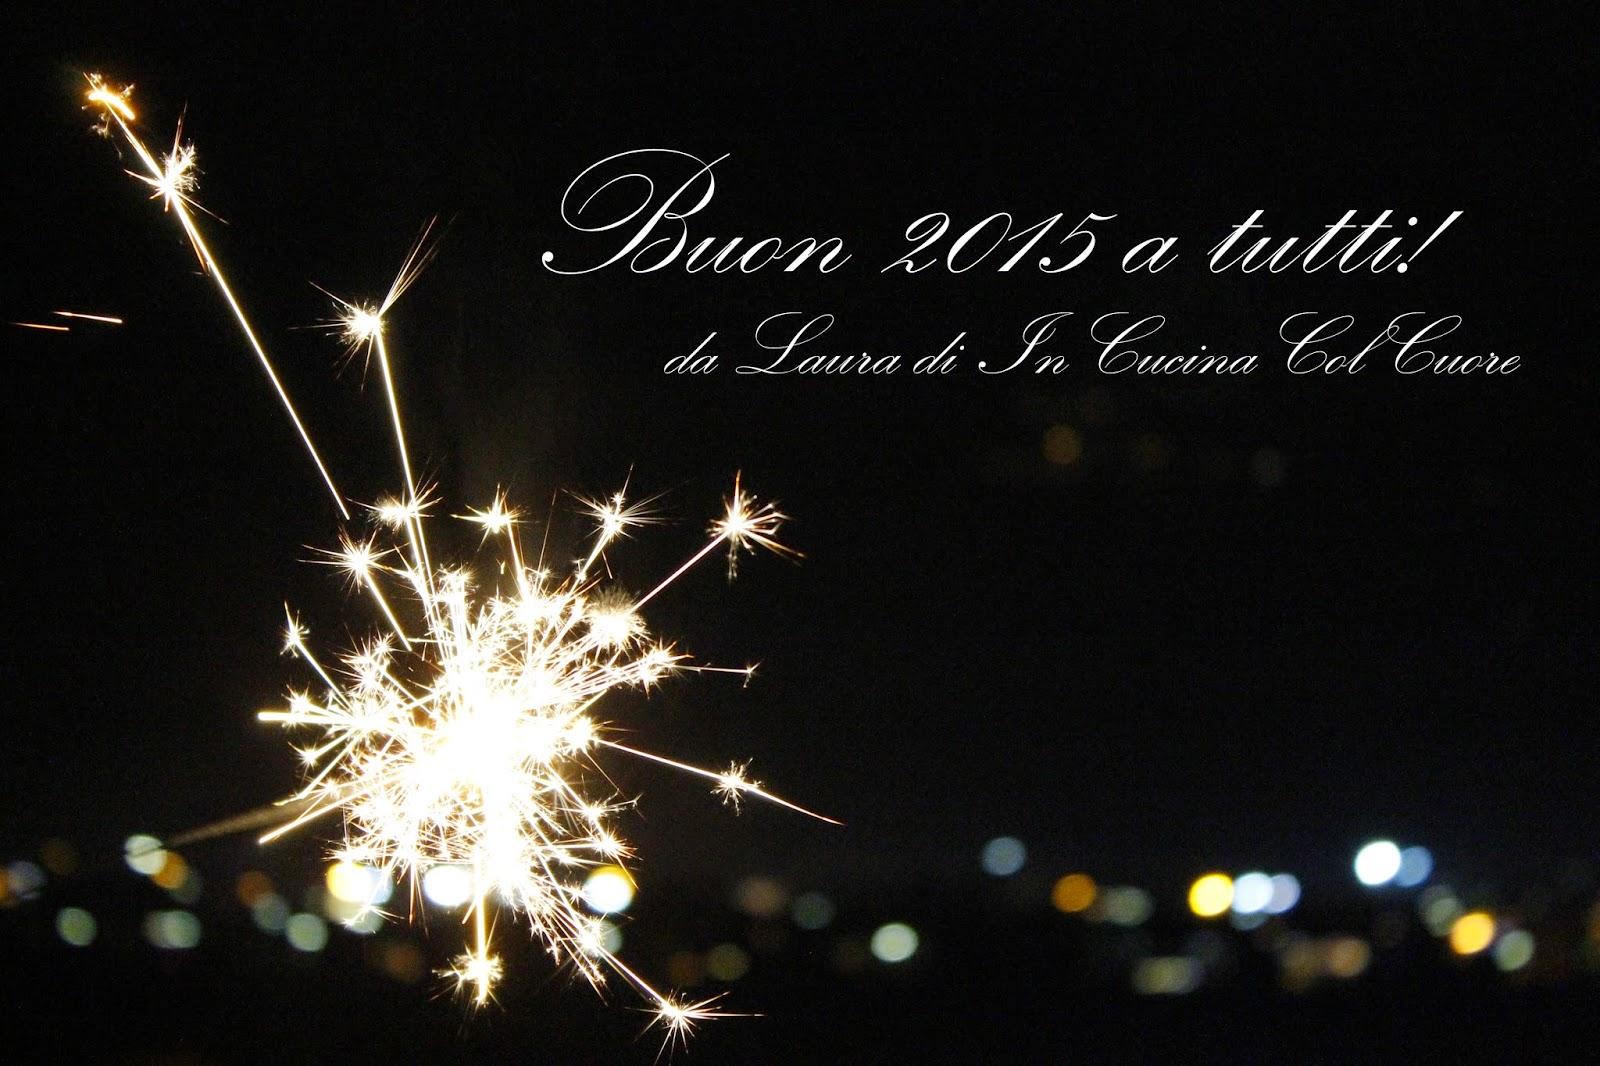 buon 2015 a tutti!